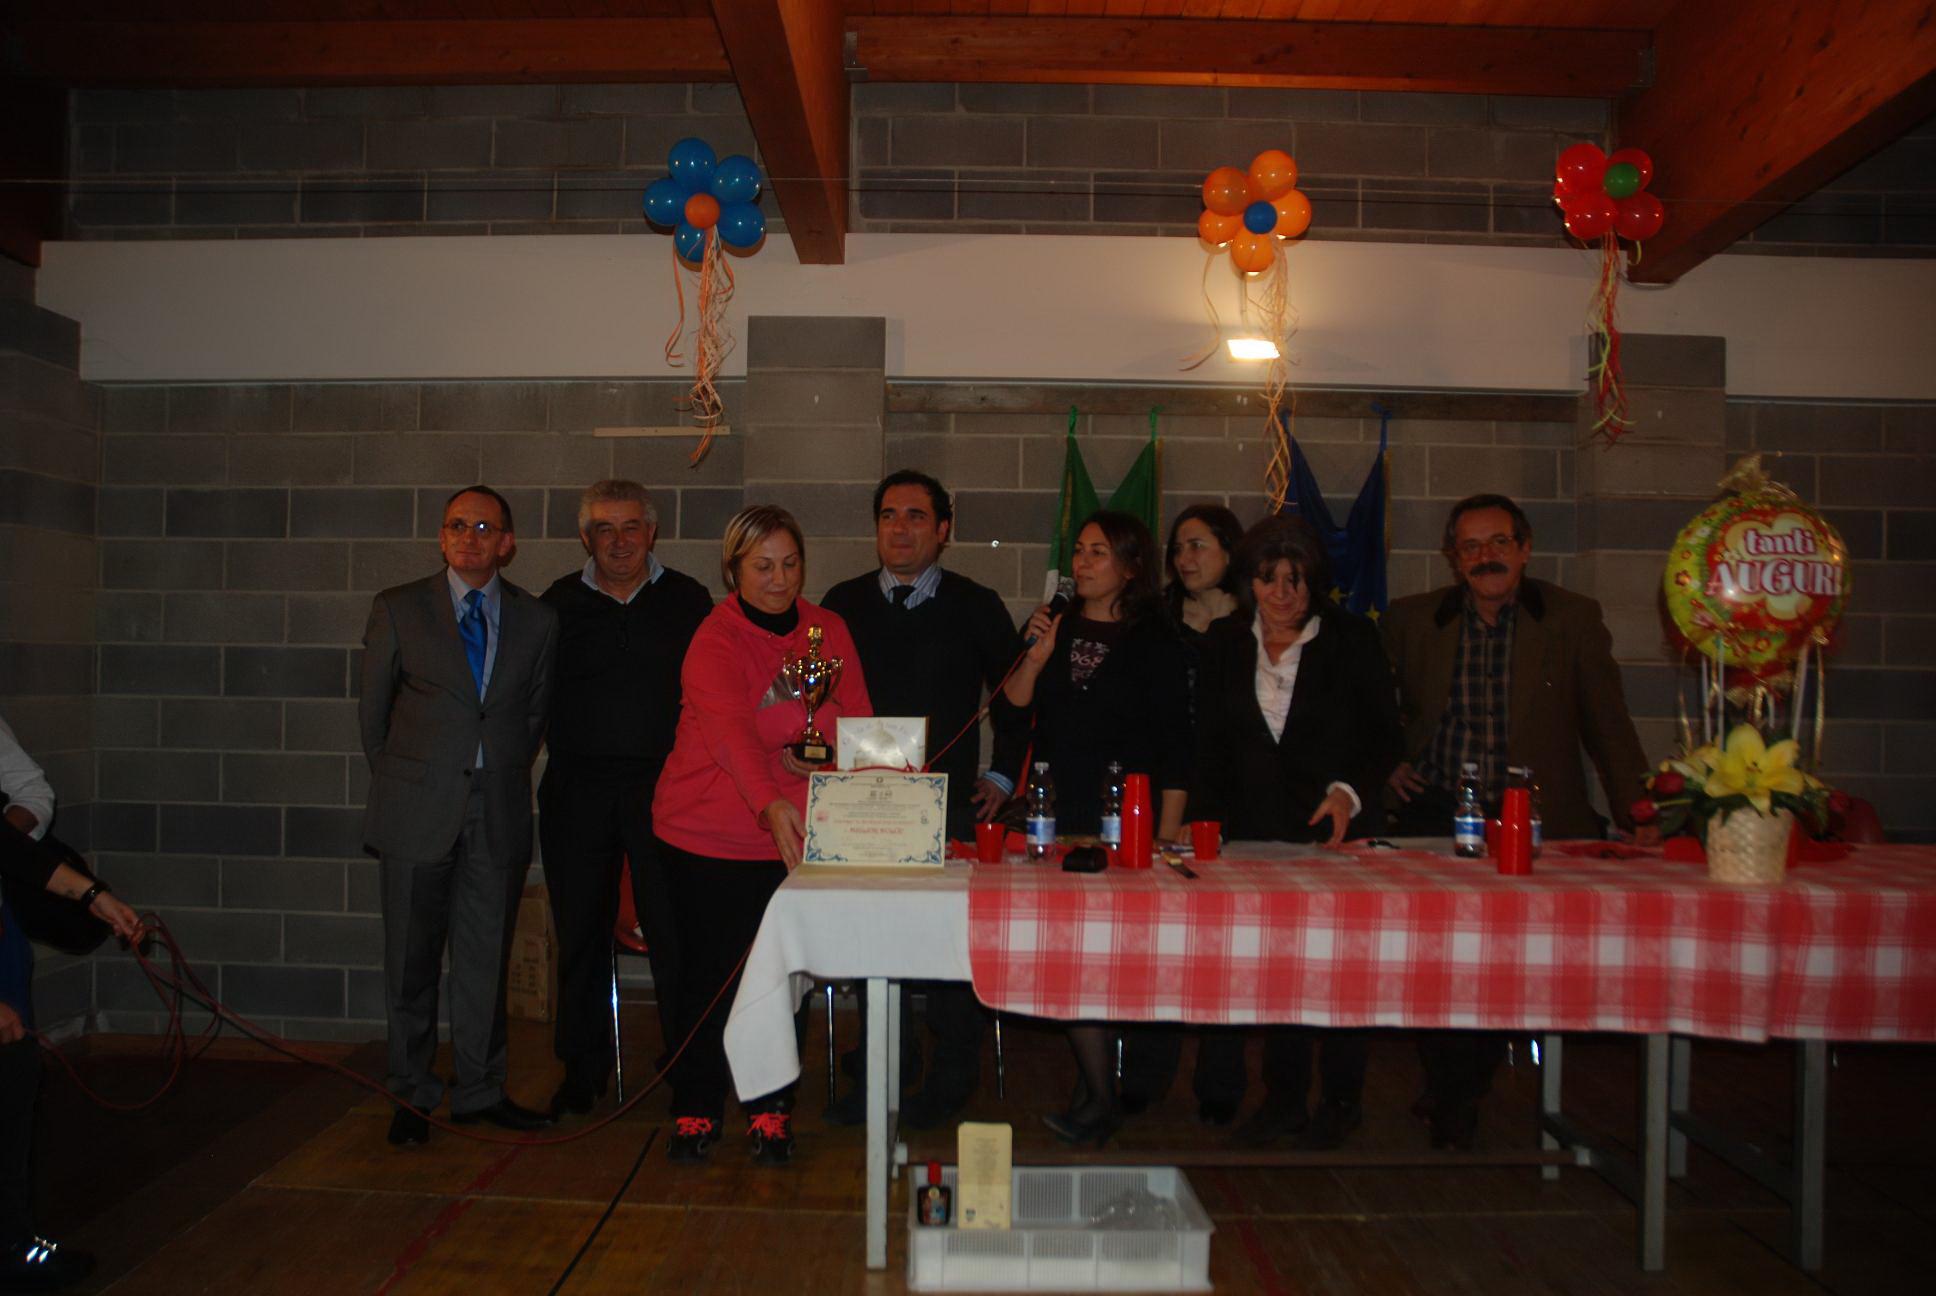 Lo staff dell'istituto alberghiero, il sindaco Pompizi e la vincitrice